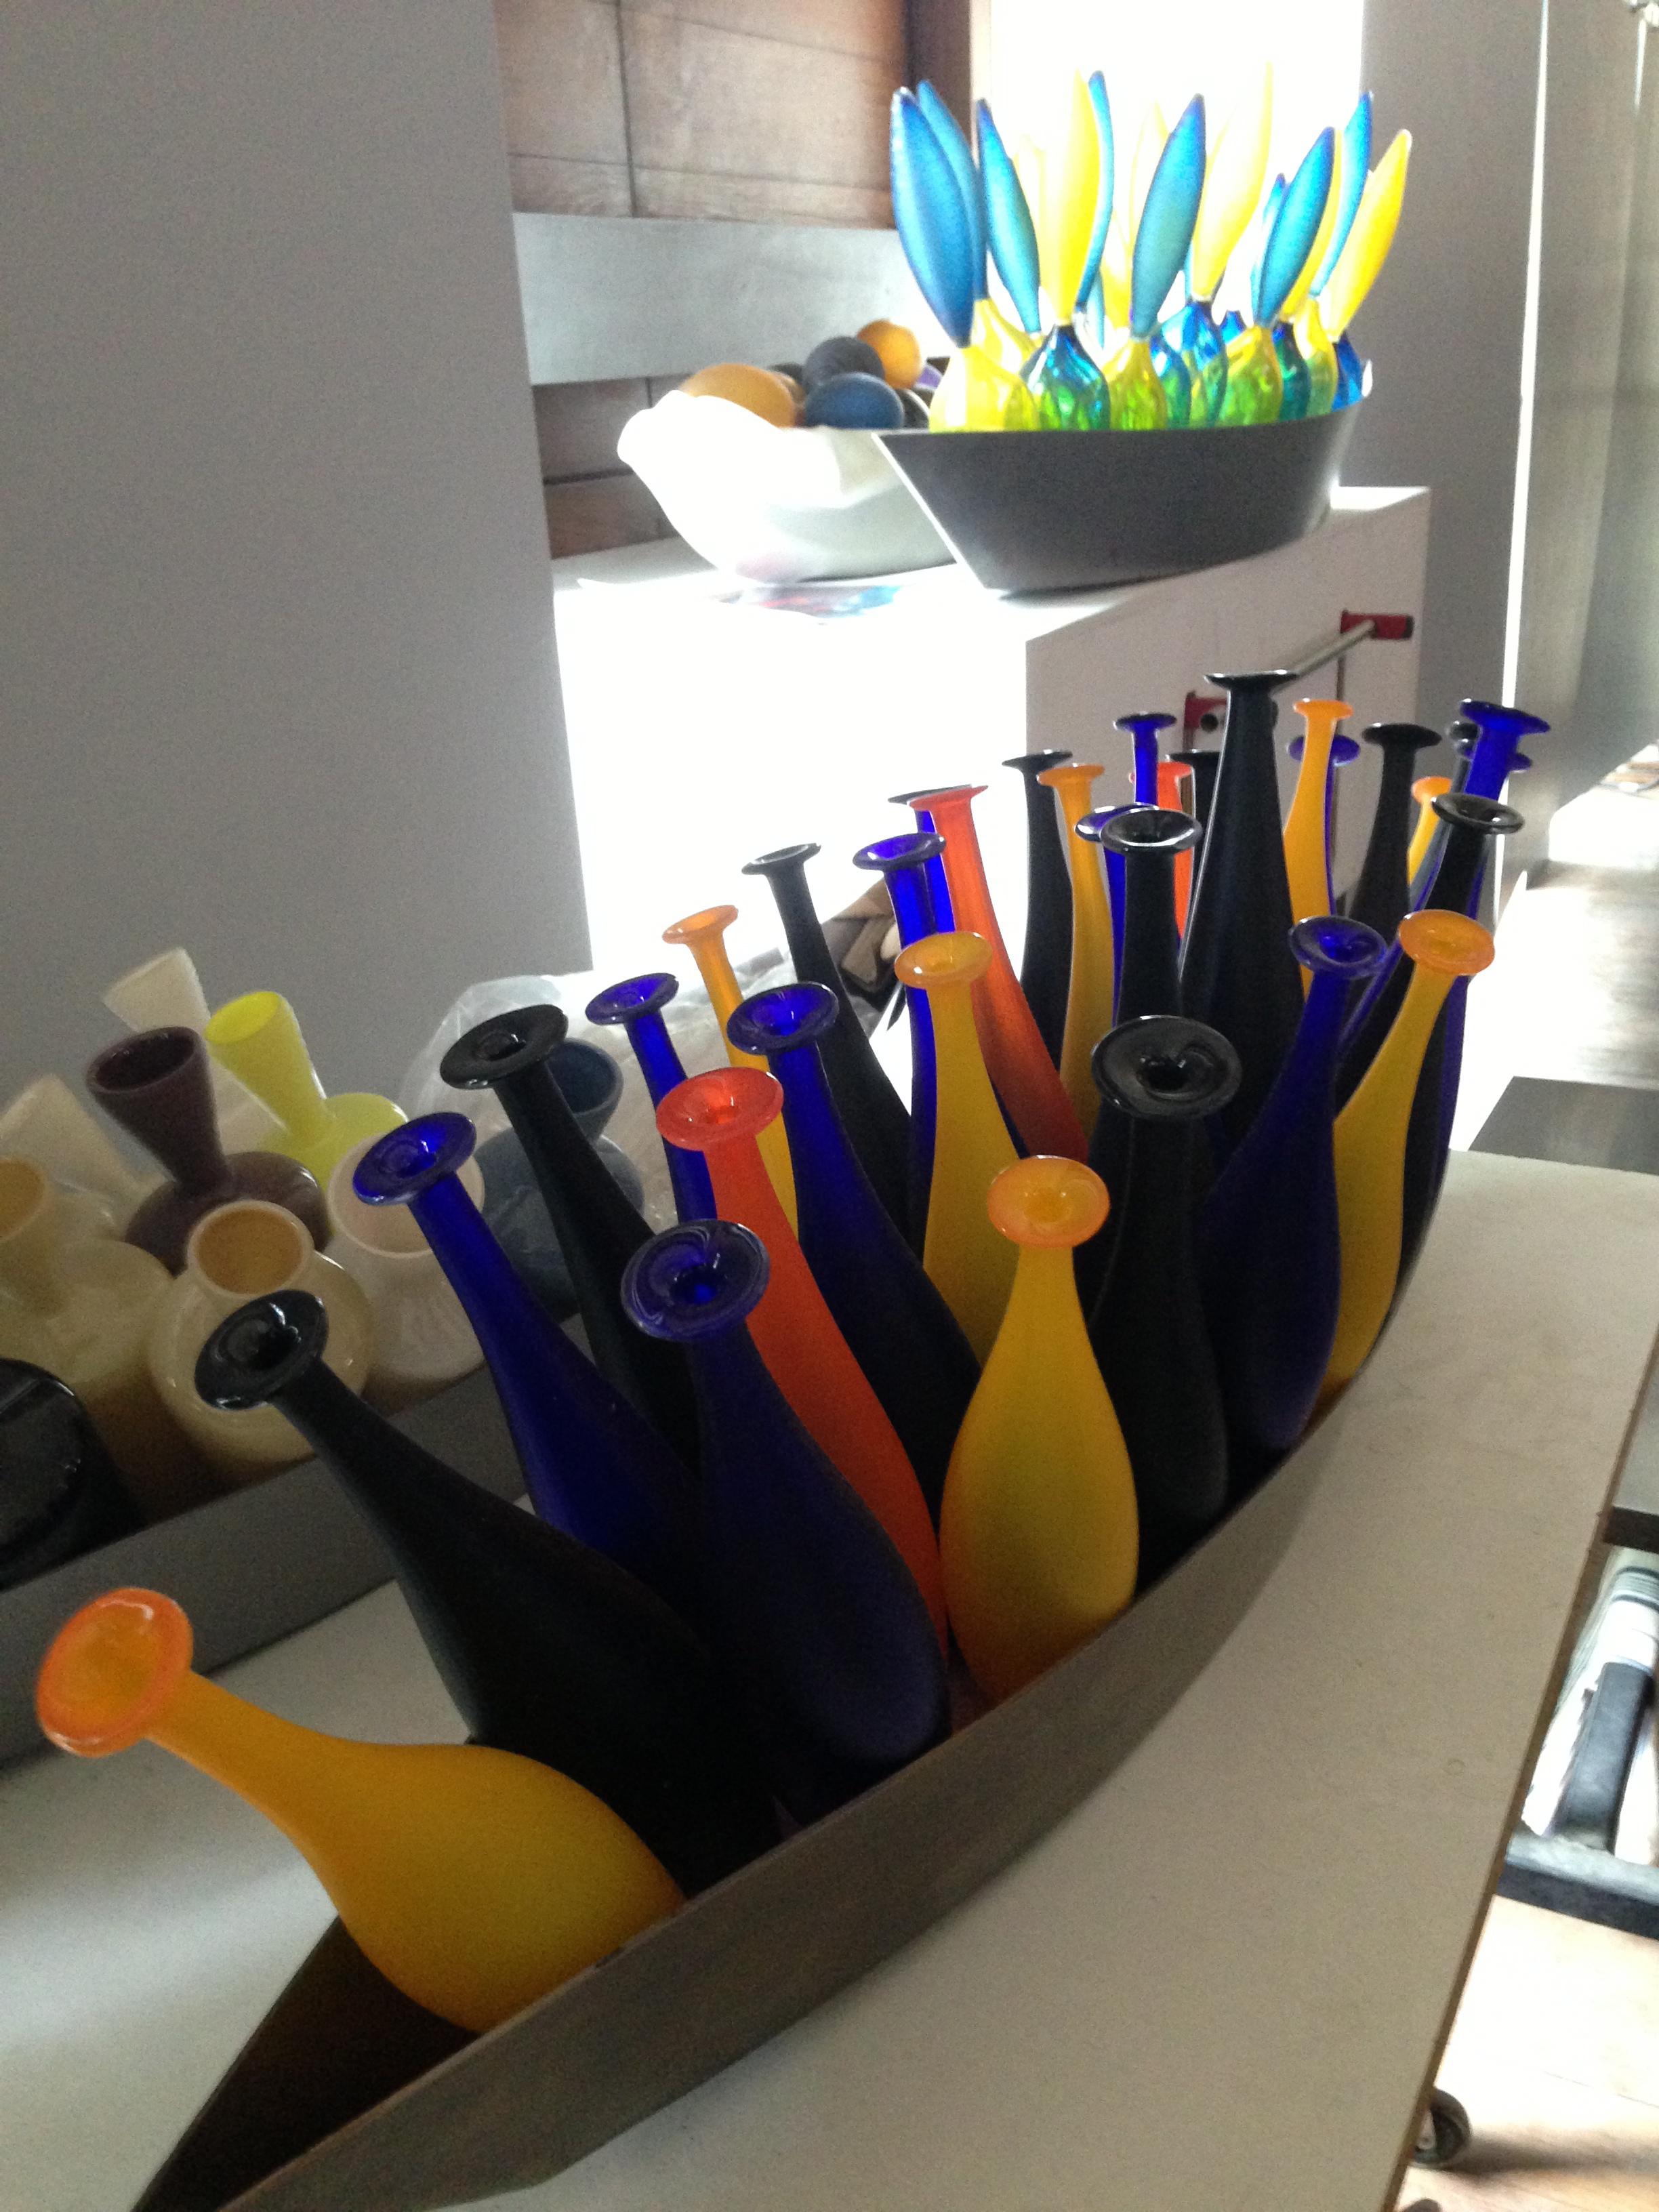 The Best of Glass Sculpture Art: Monica Guggisberg and Philip Baldwin glass sculpture The Best of Glass Sculpture Art: Monica Guggisberg and Philip Baldwin Monica Guggisberg and Philip Baldwin